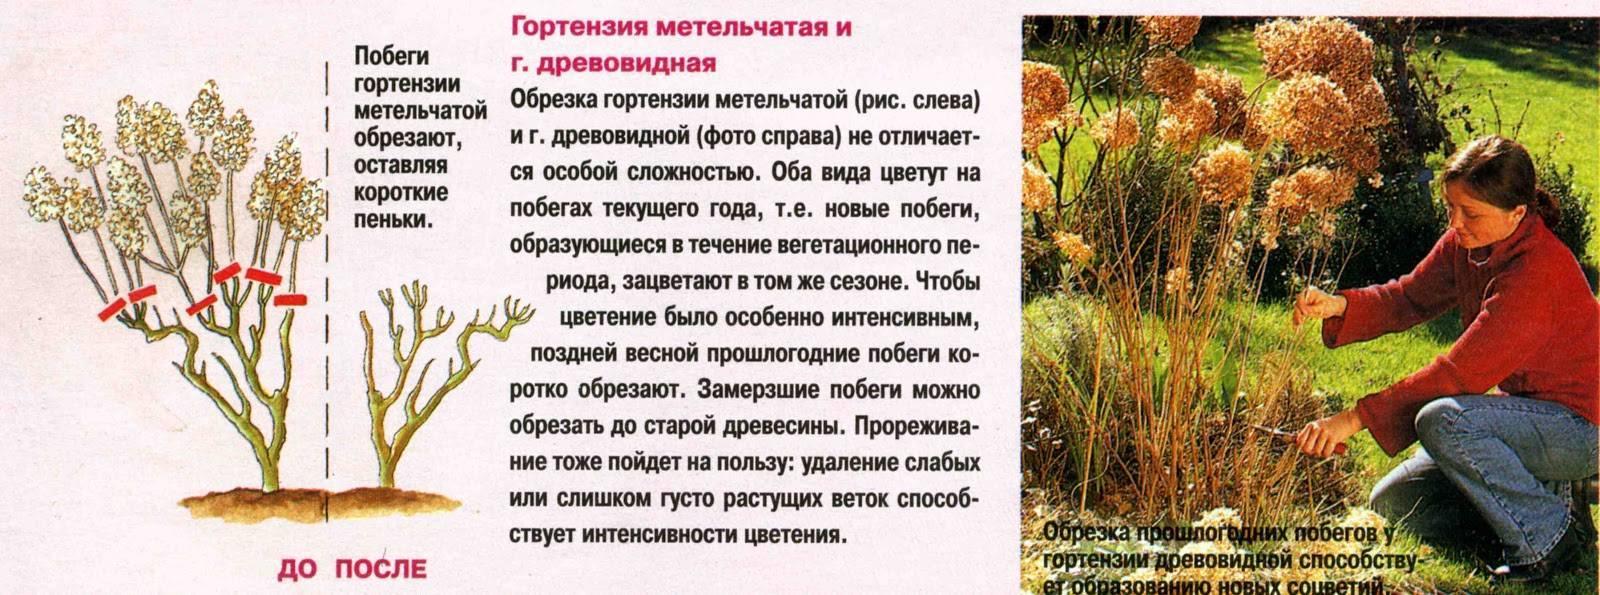 Гортензия «грандифлора» (31 фото): описание сорта гортензии метельчатой grandiflora, посадка и уход в открытом грунте, зимостойкость